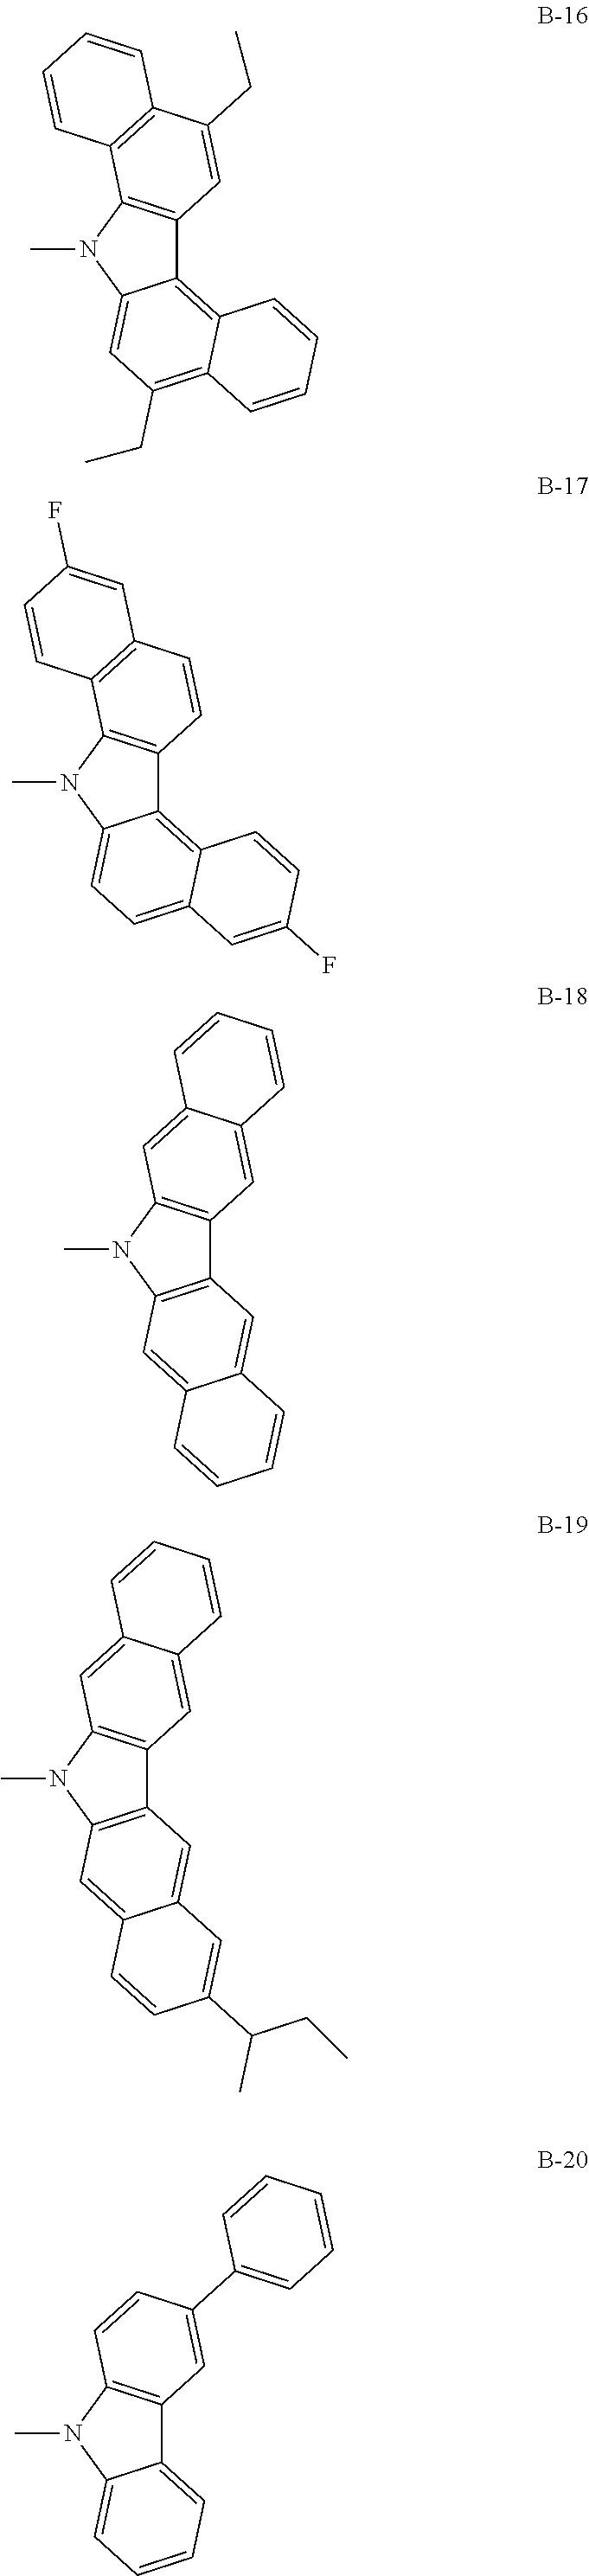 Figure US08847141-20140930-C00033